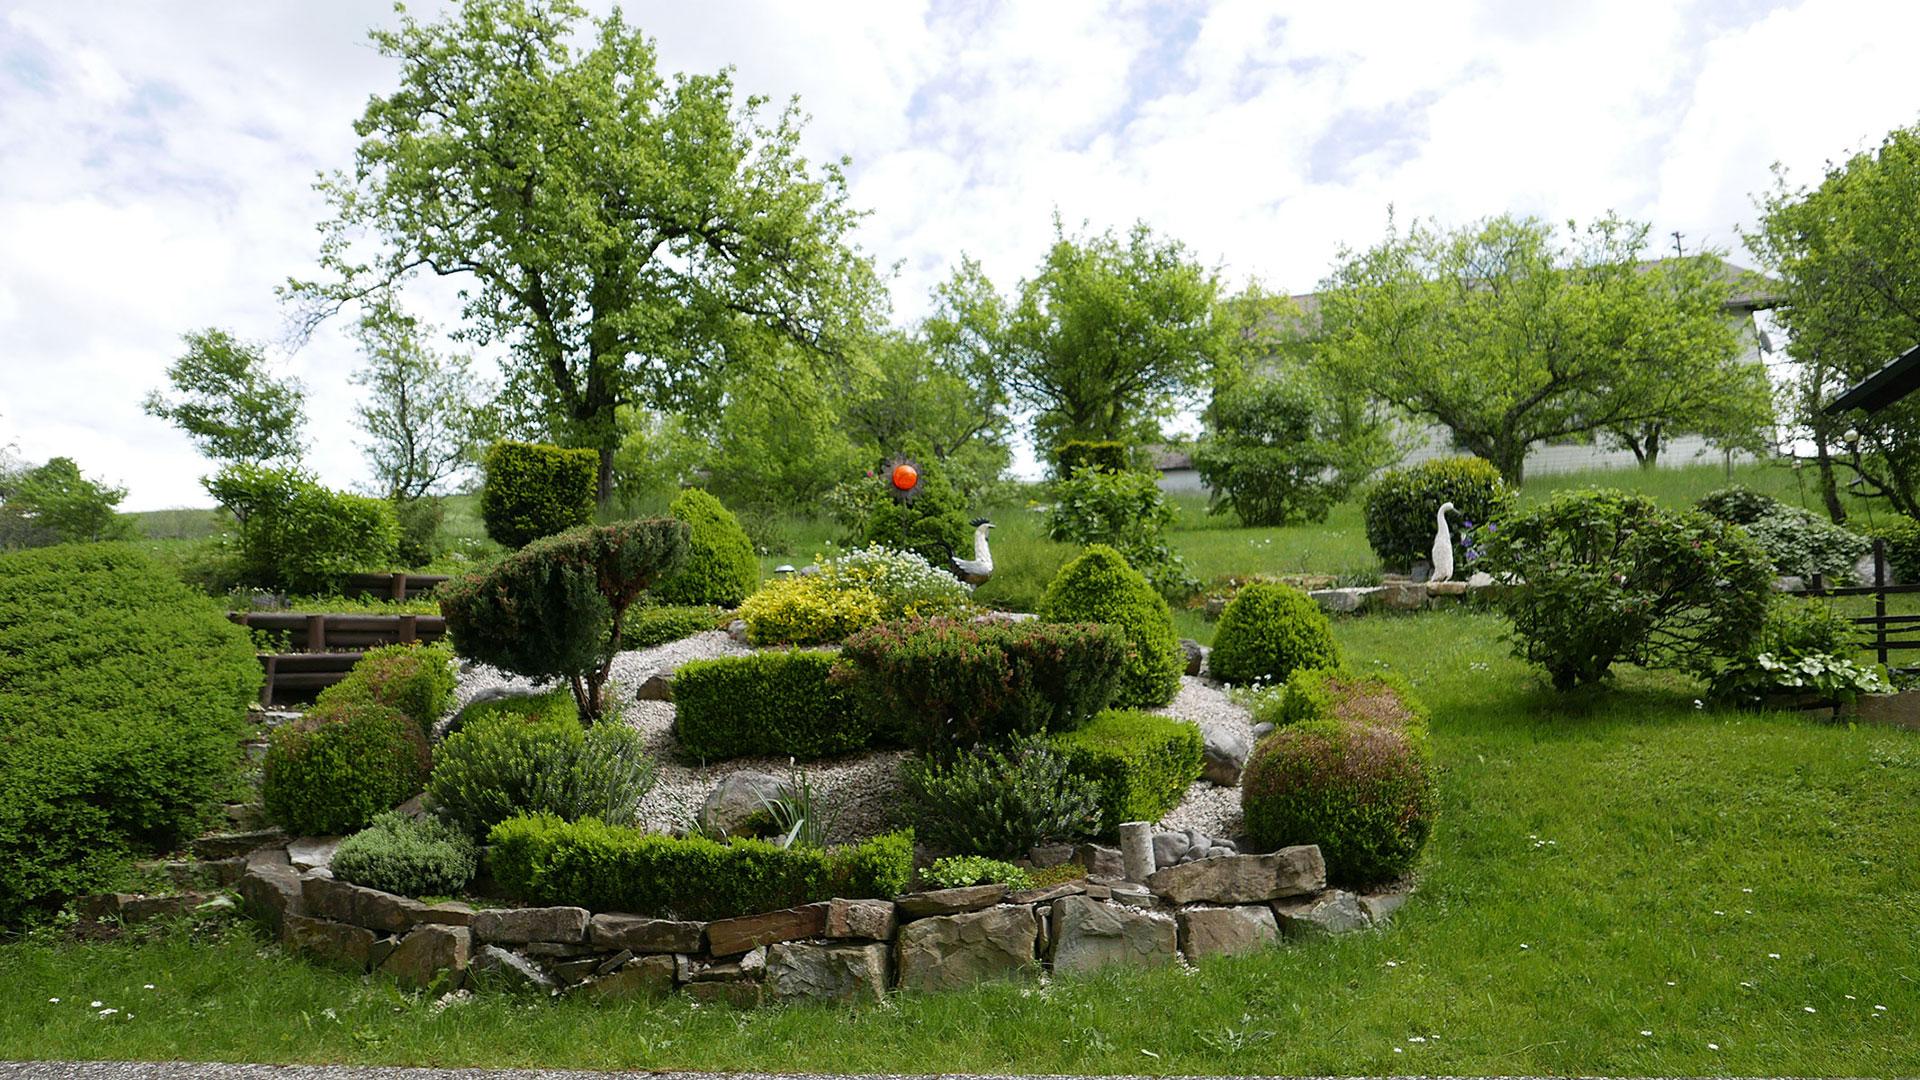 der gemütliche und schön gepflegte Garten vom Gasthof Sonnenhof